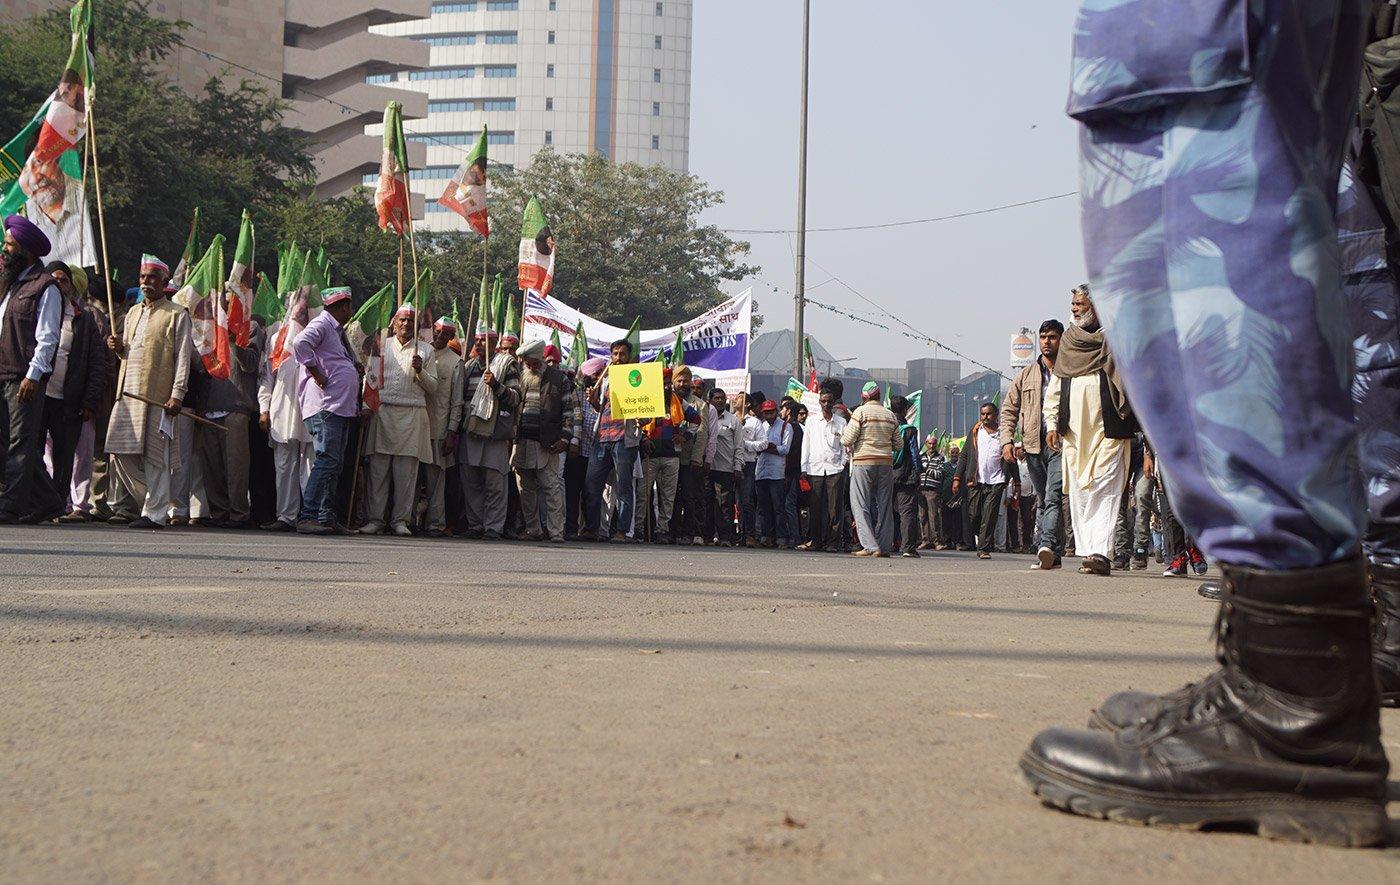 Kisan Mukti March